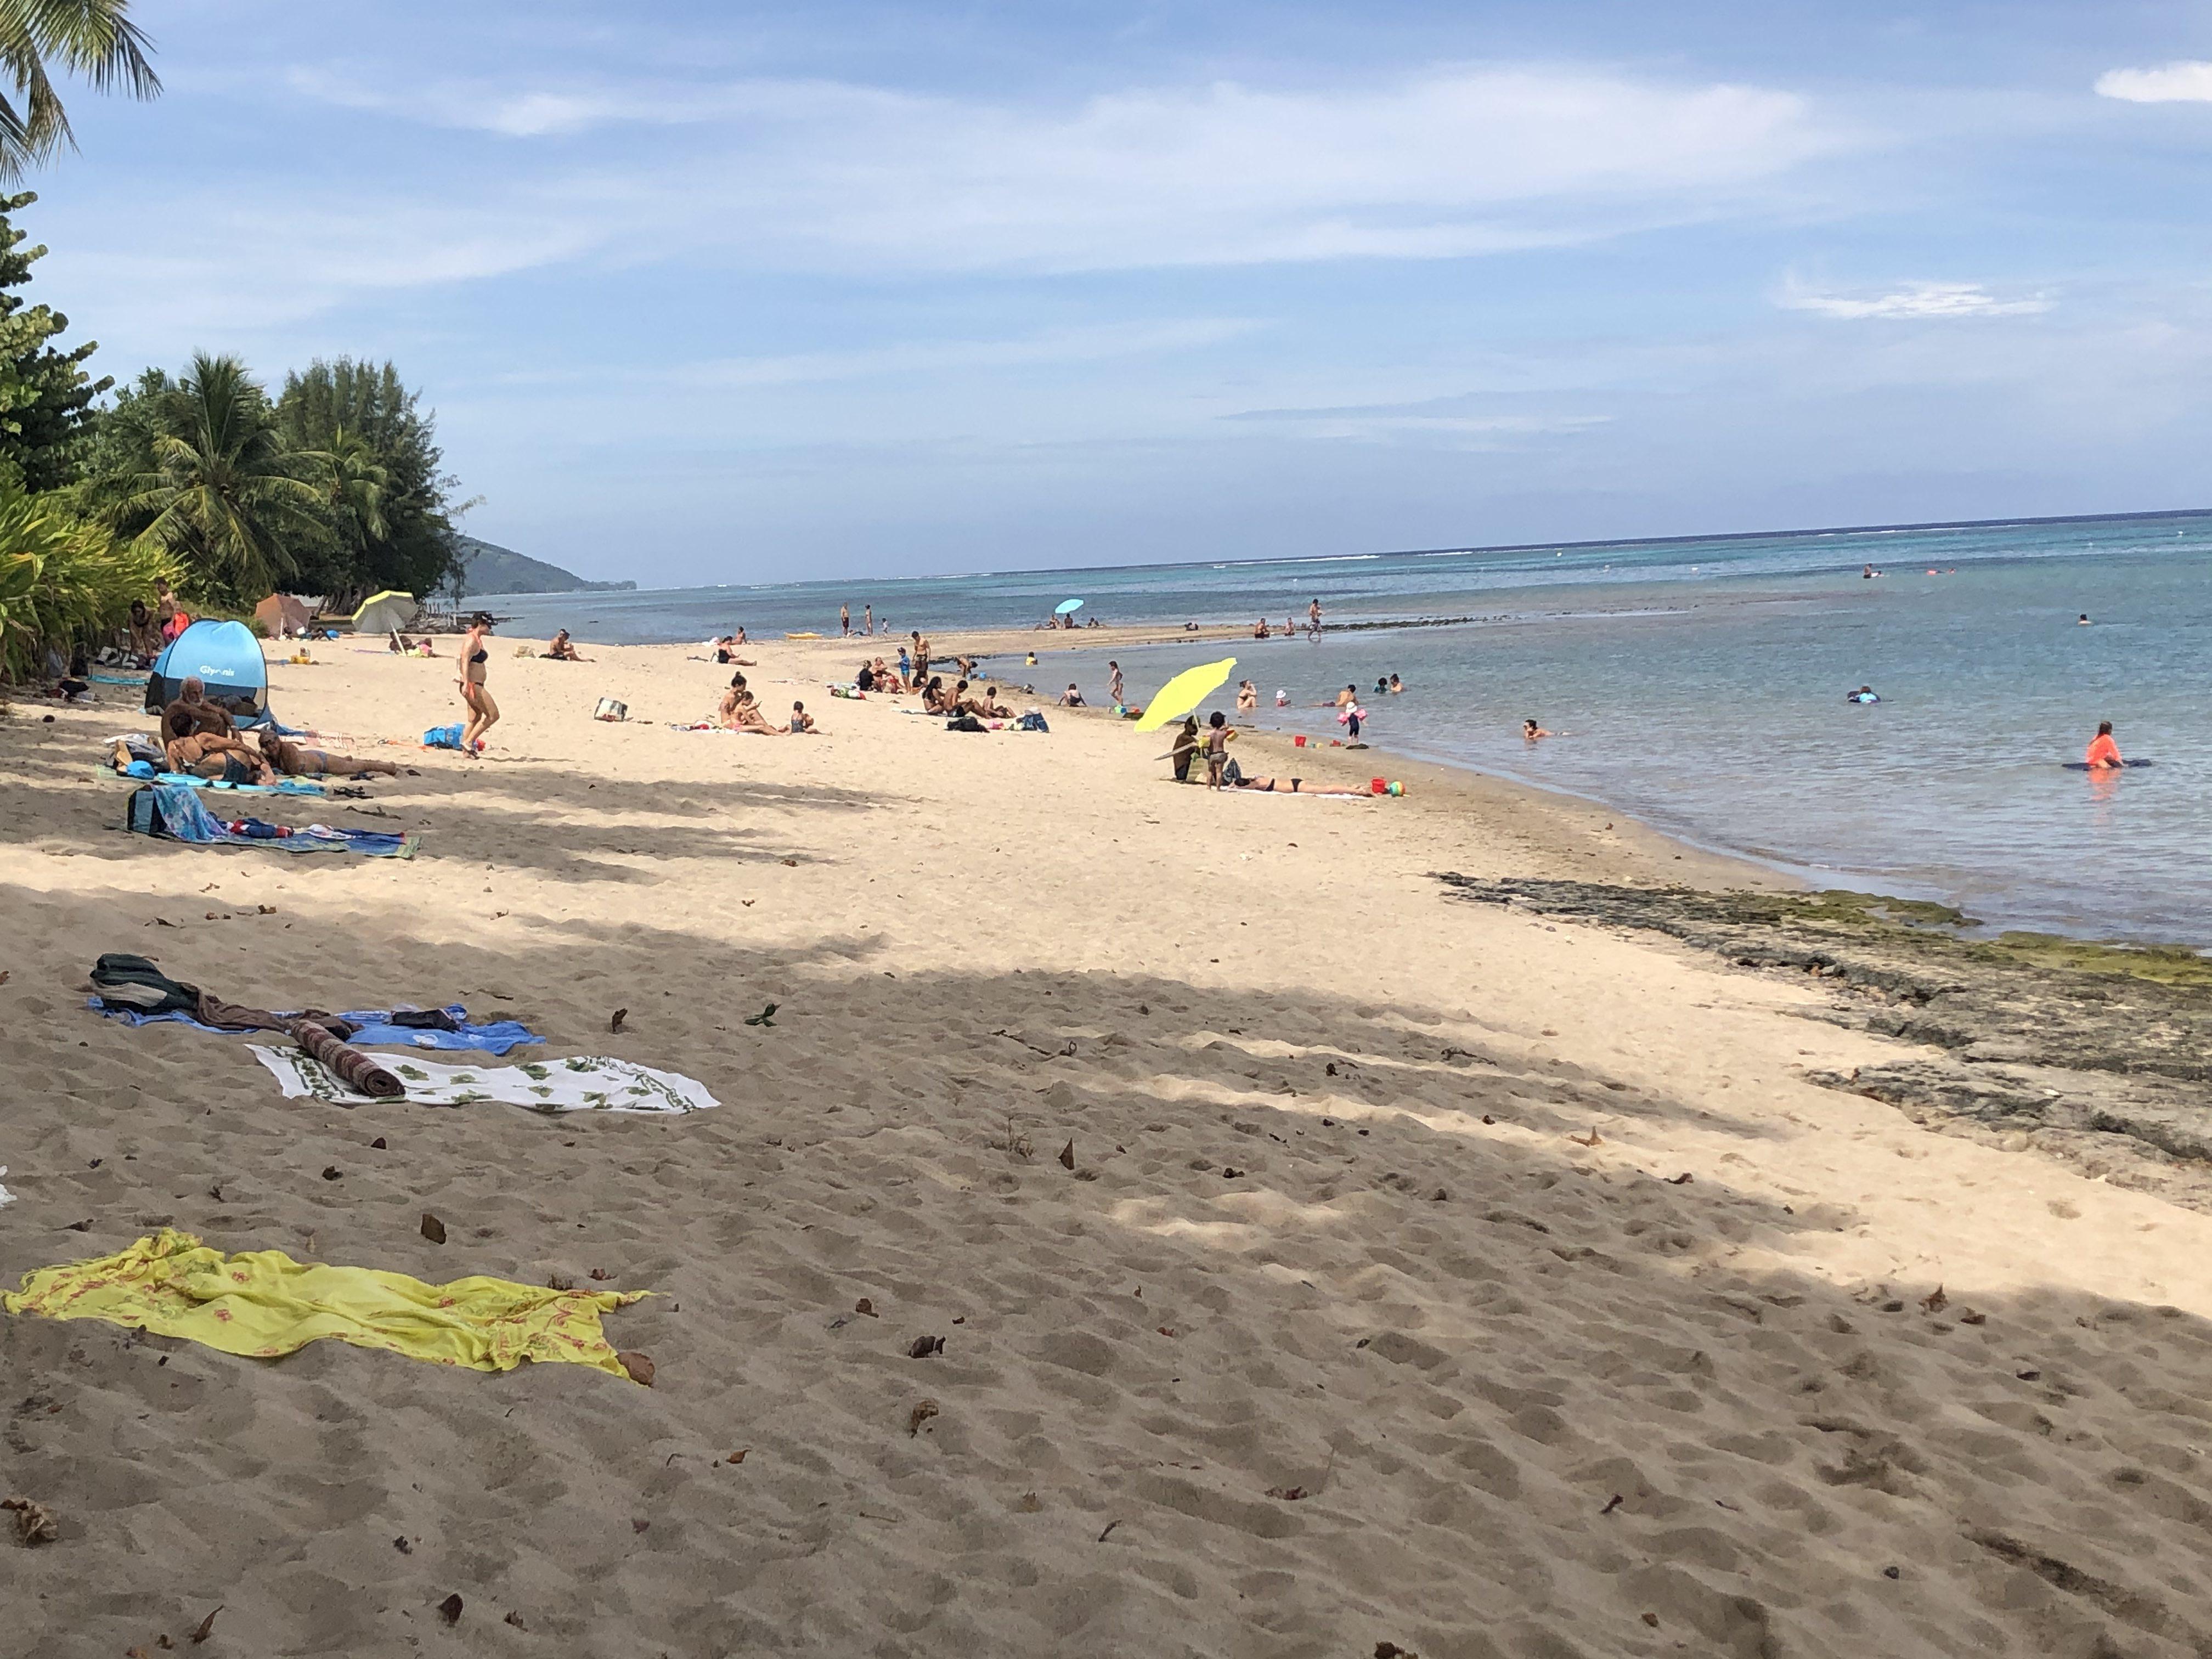 La plage de Vaiava, au PK 18 à Punaauia, a été prise d'assaut par les baigneurs.